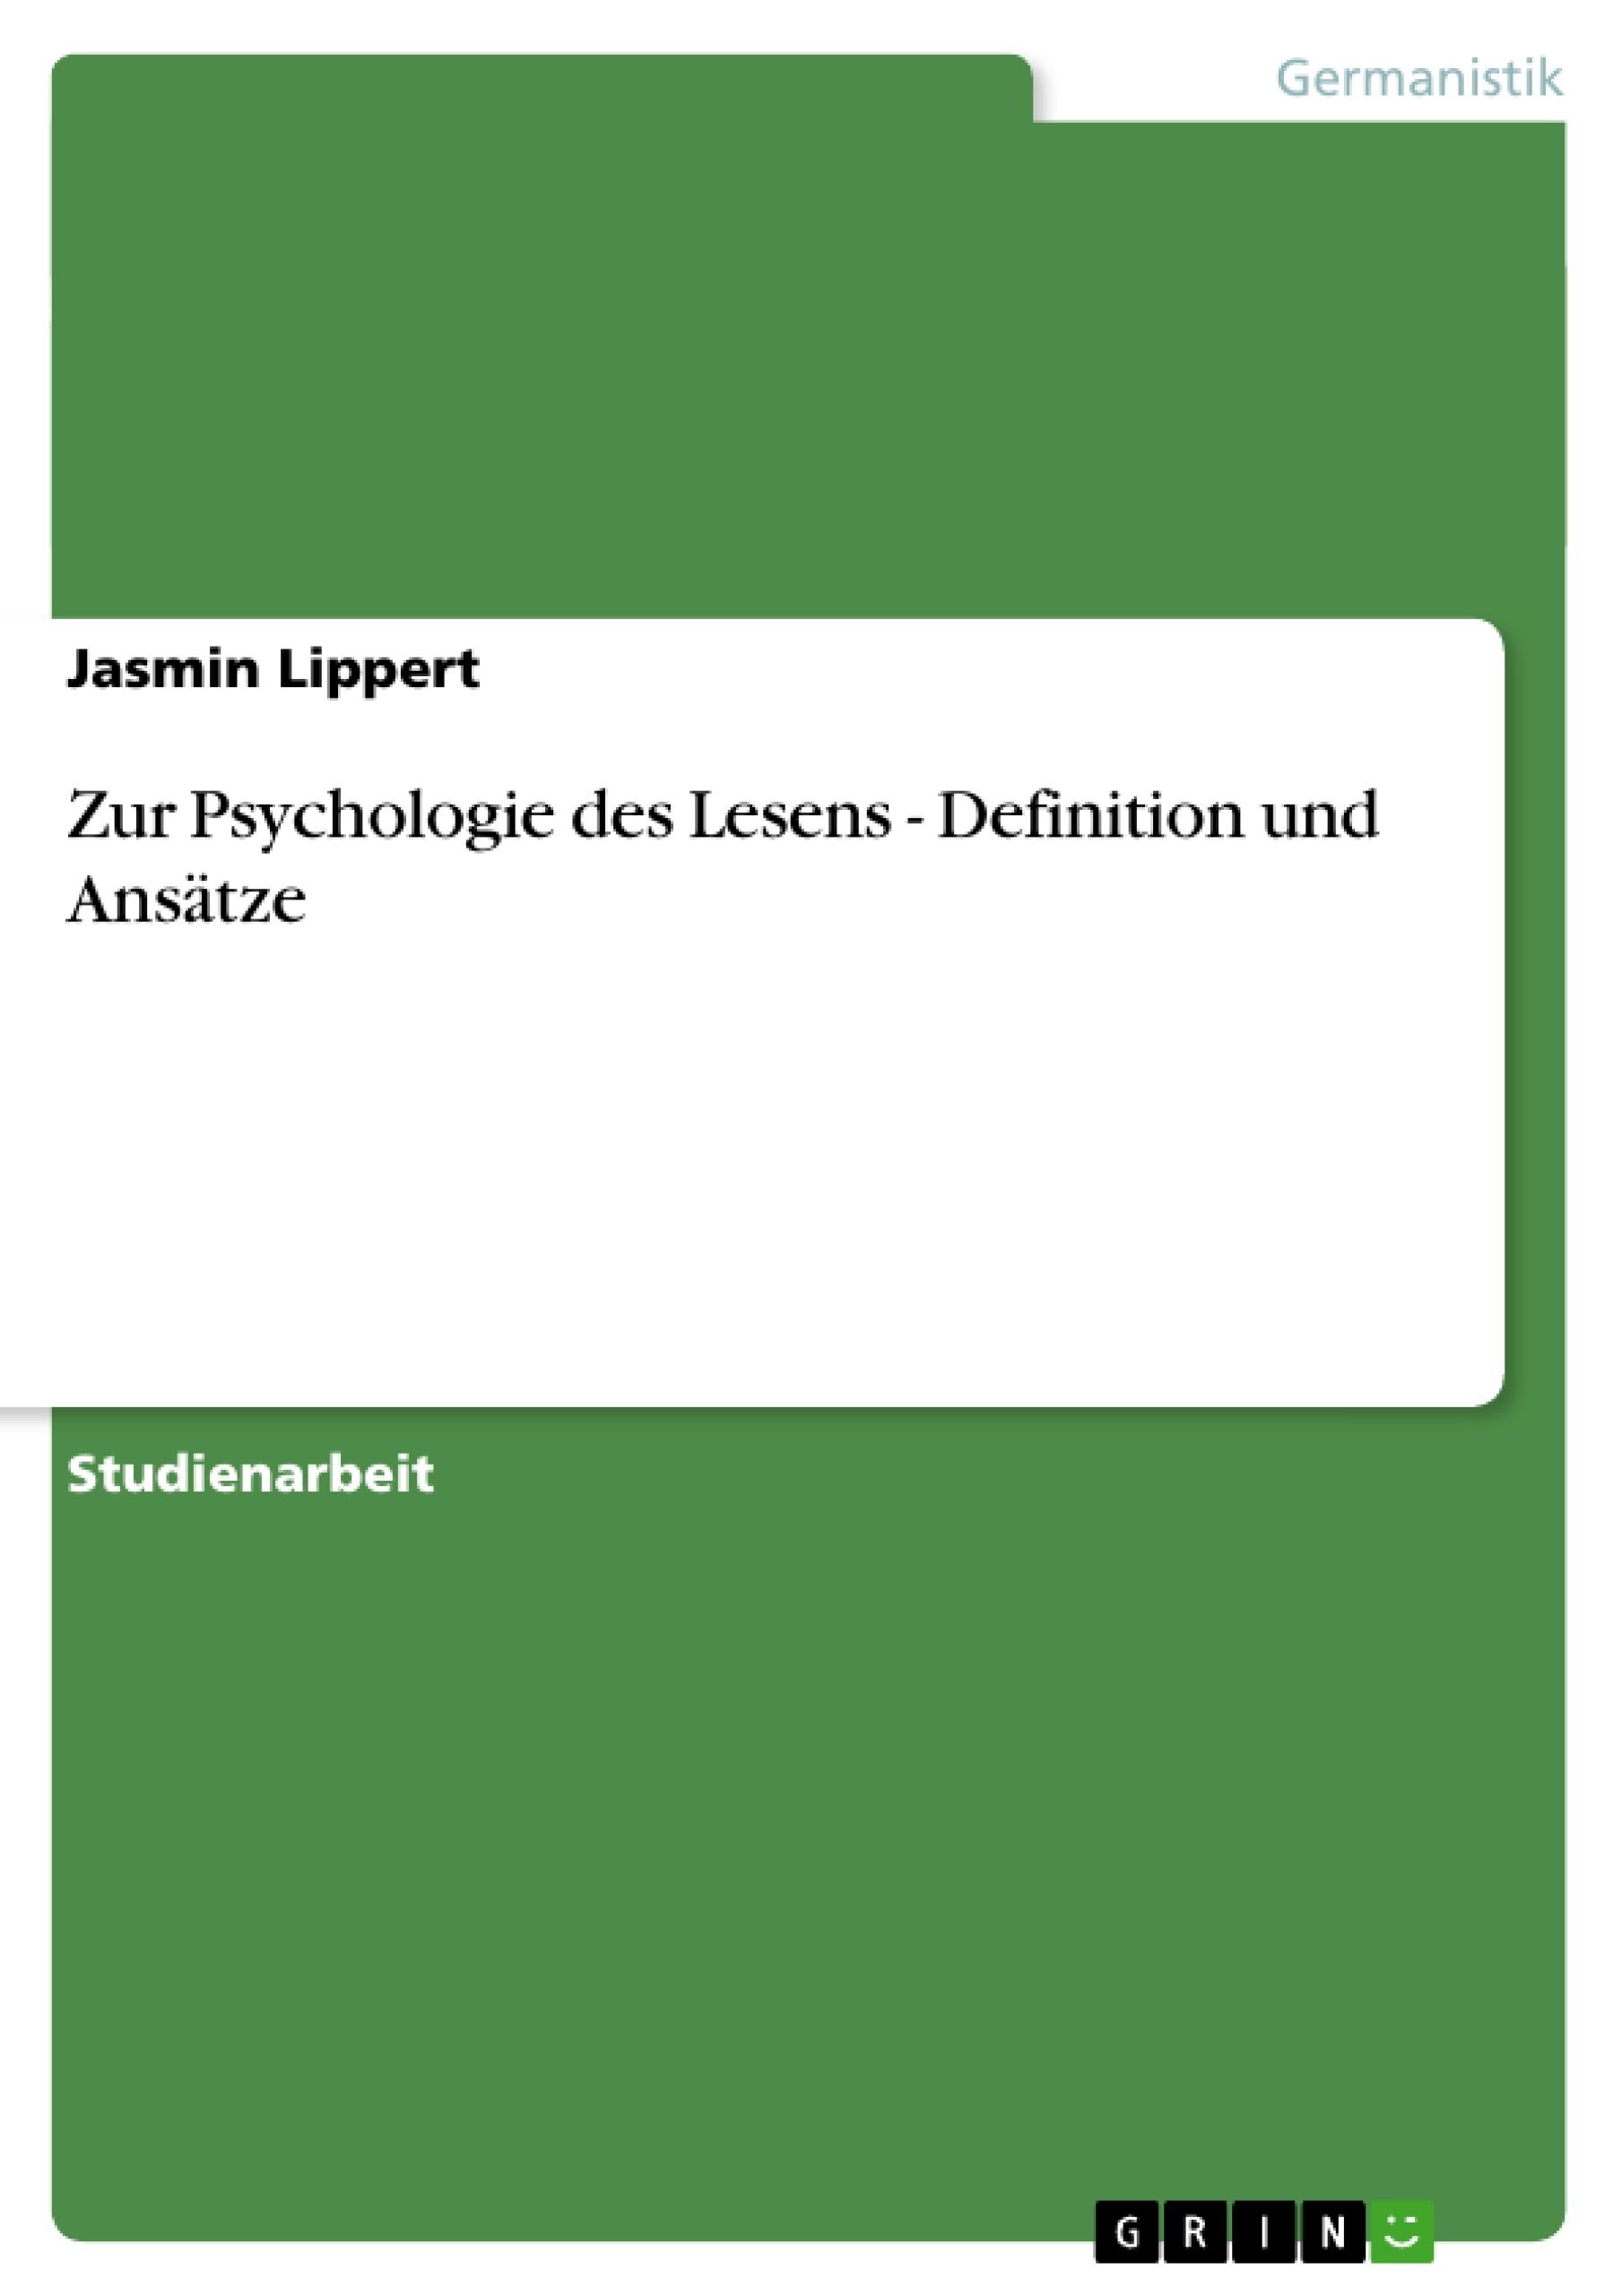 Titel: Zur Psychologie des Lesens - Definition und Ansätze